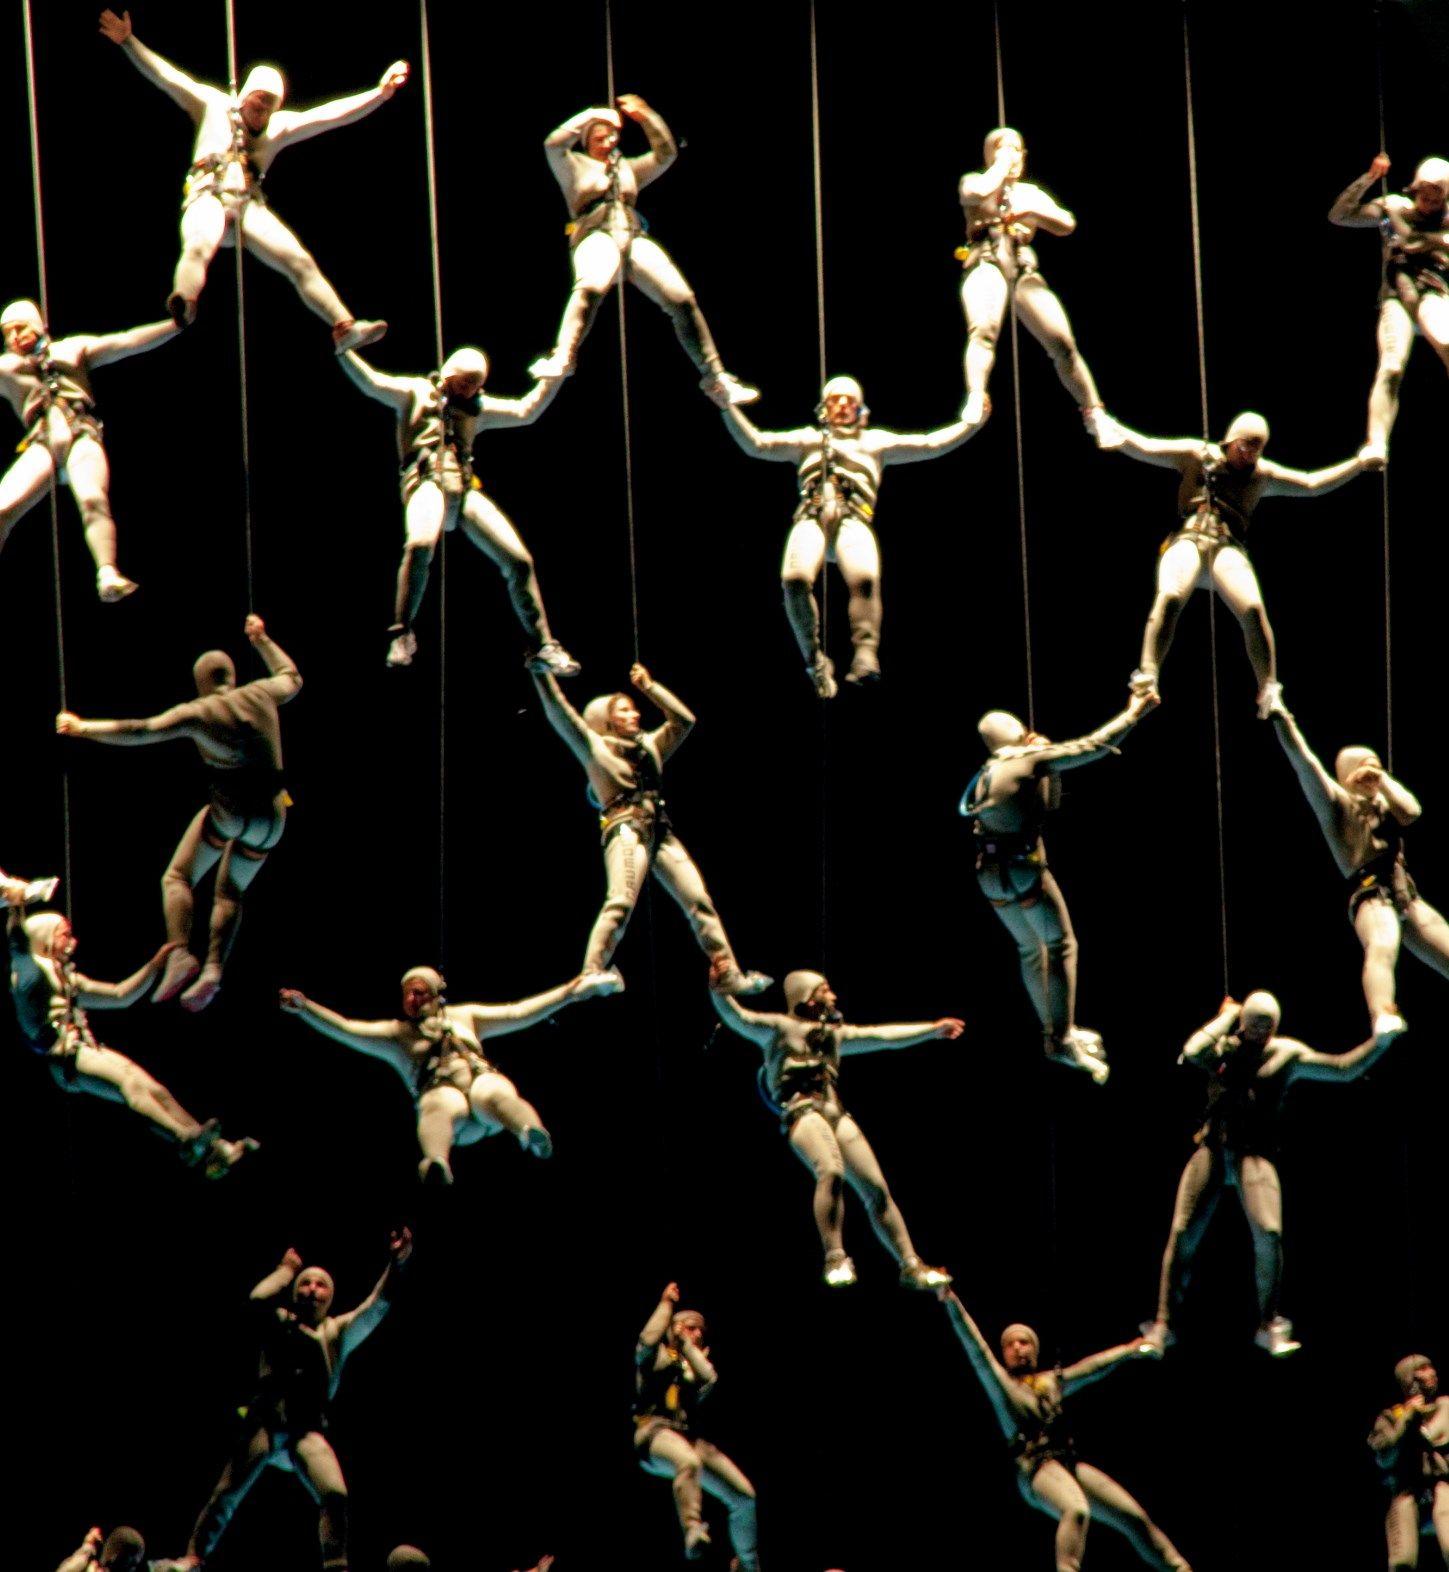 La Fura Dels Baus Set Design Theatre Scenic Design Performance Art